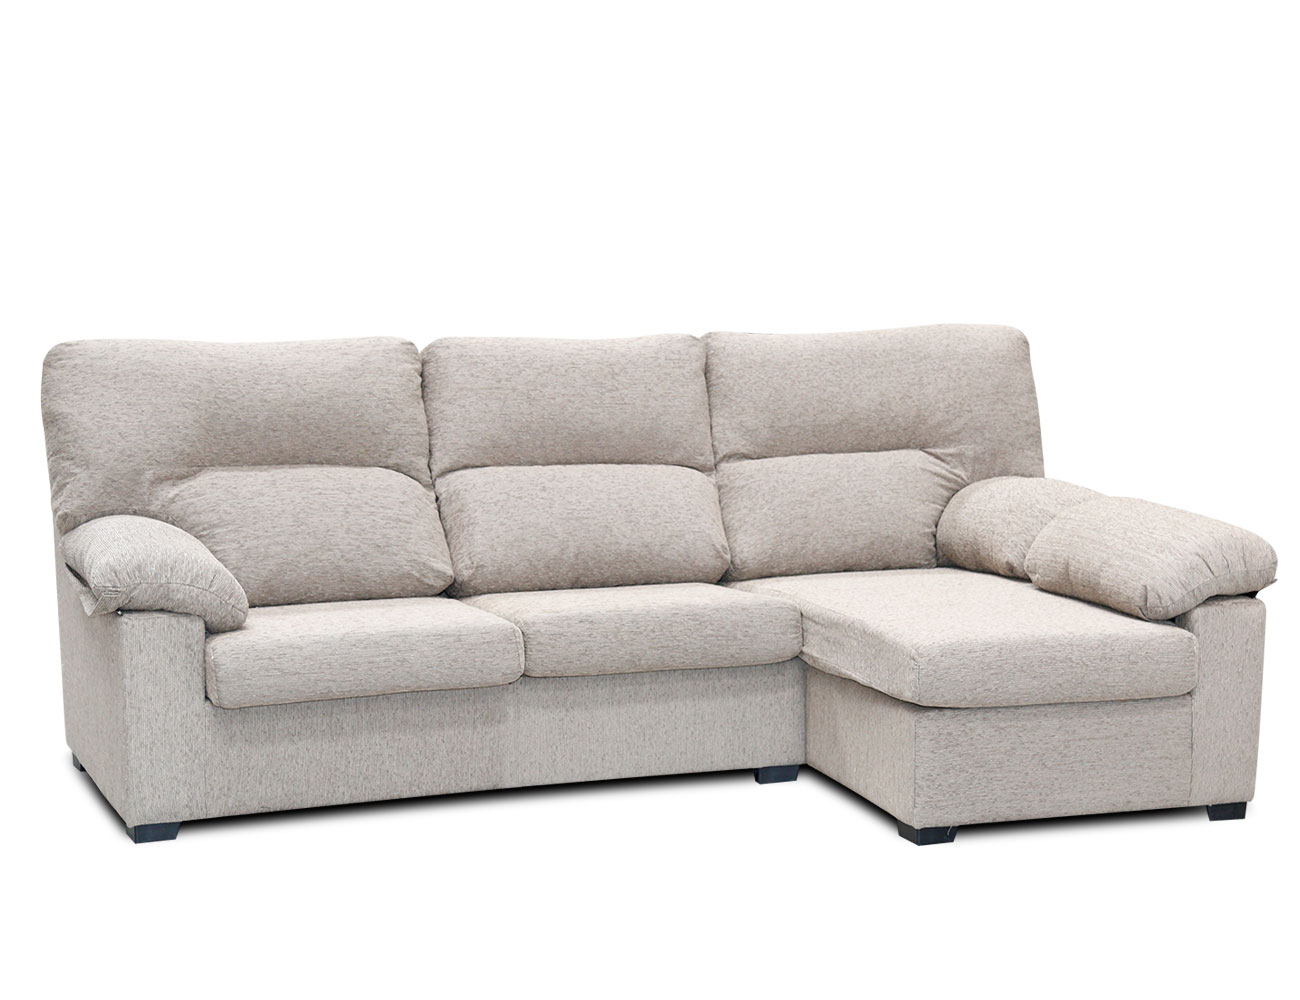 Sofa chaiselongue barato vento turron 2